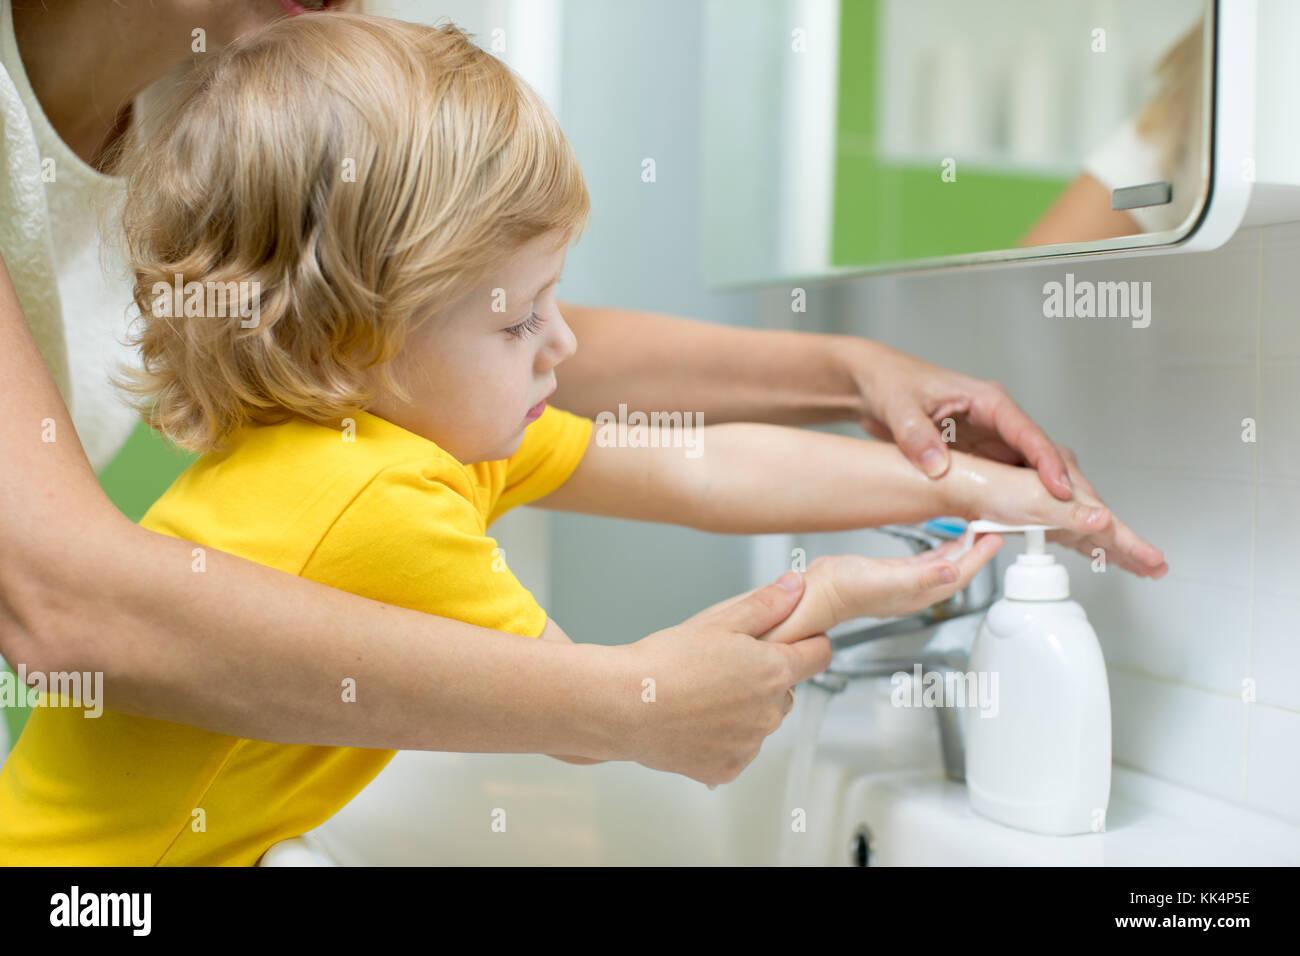 Mutter und Kind Sohn waschen ihre Hände in das Badezimmer. Pflege ...